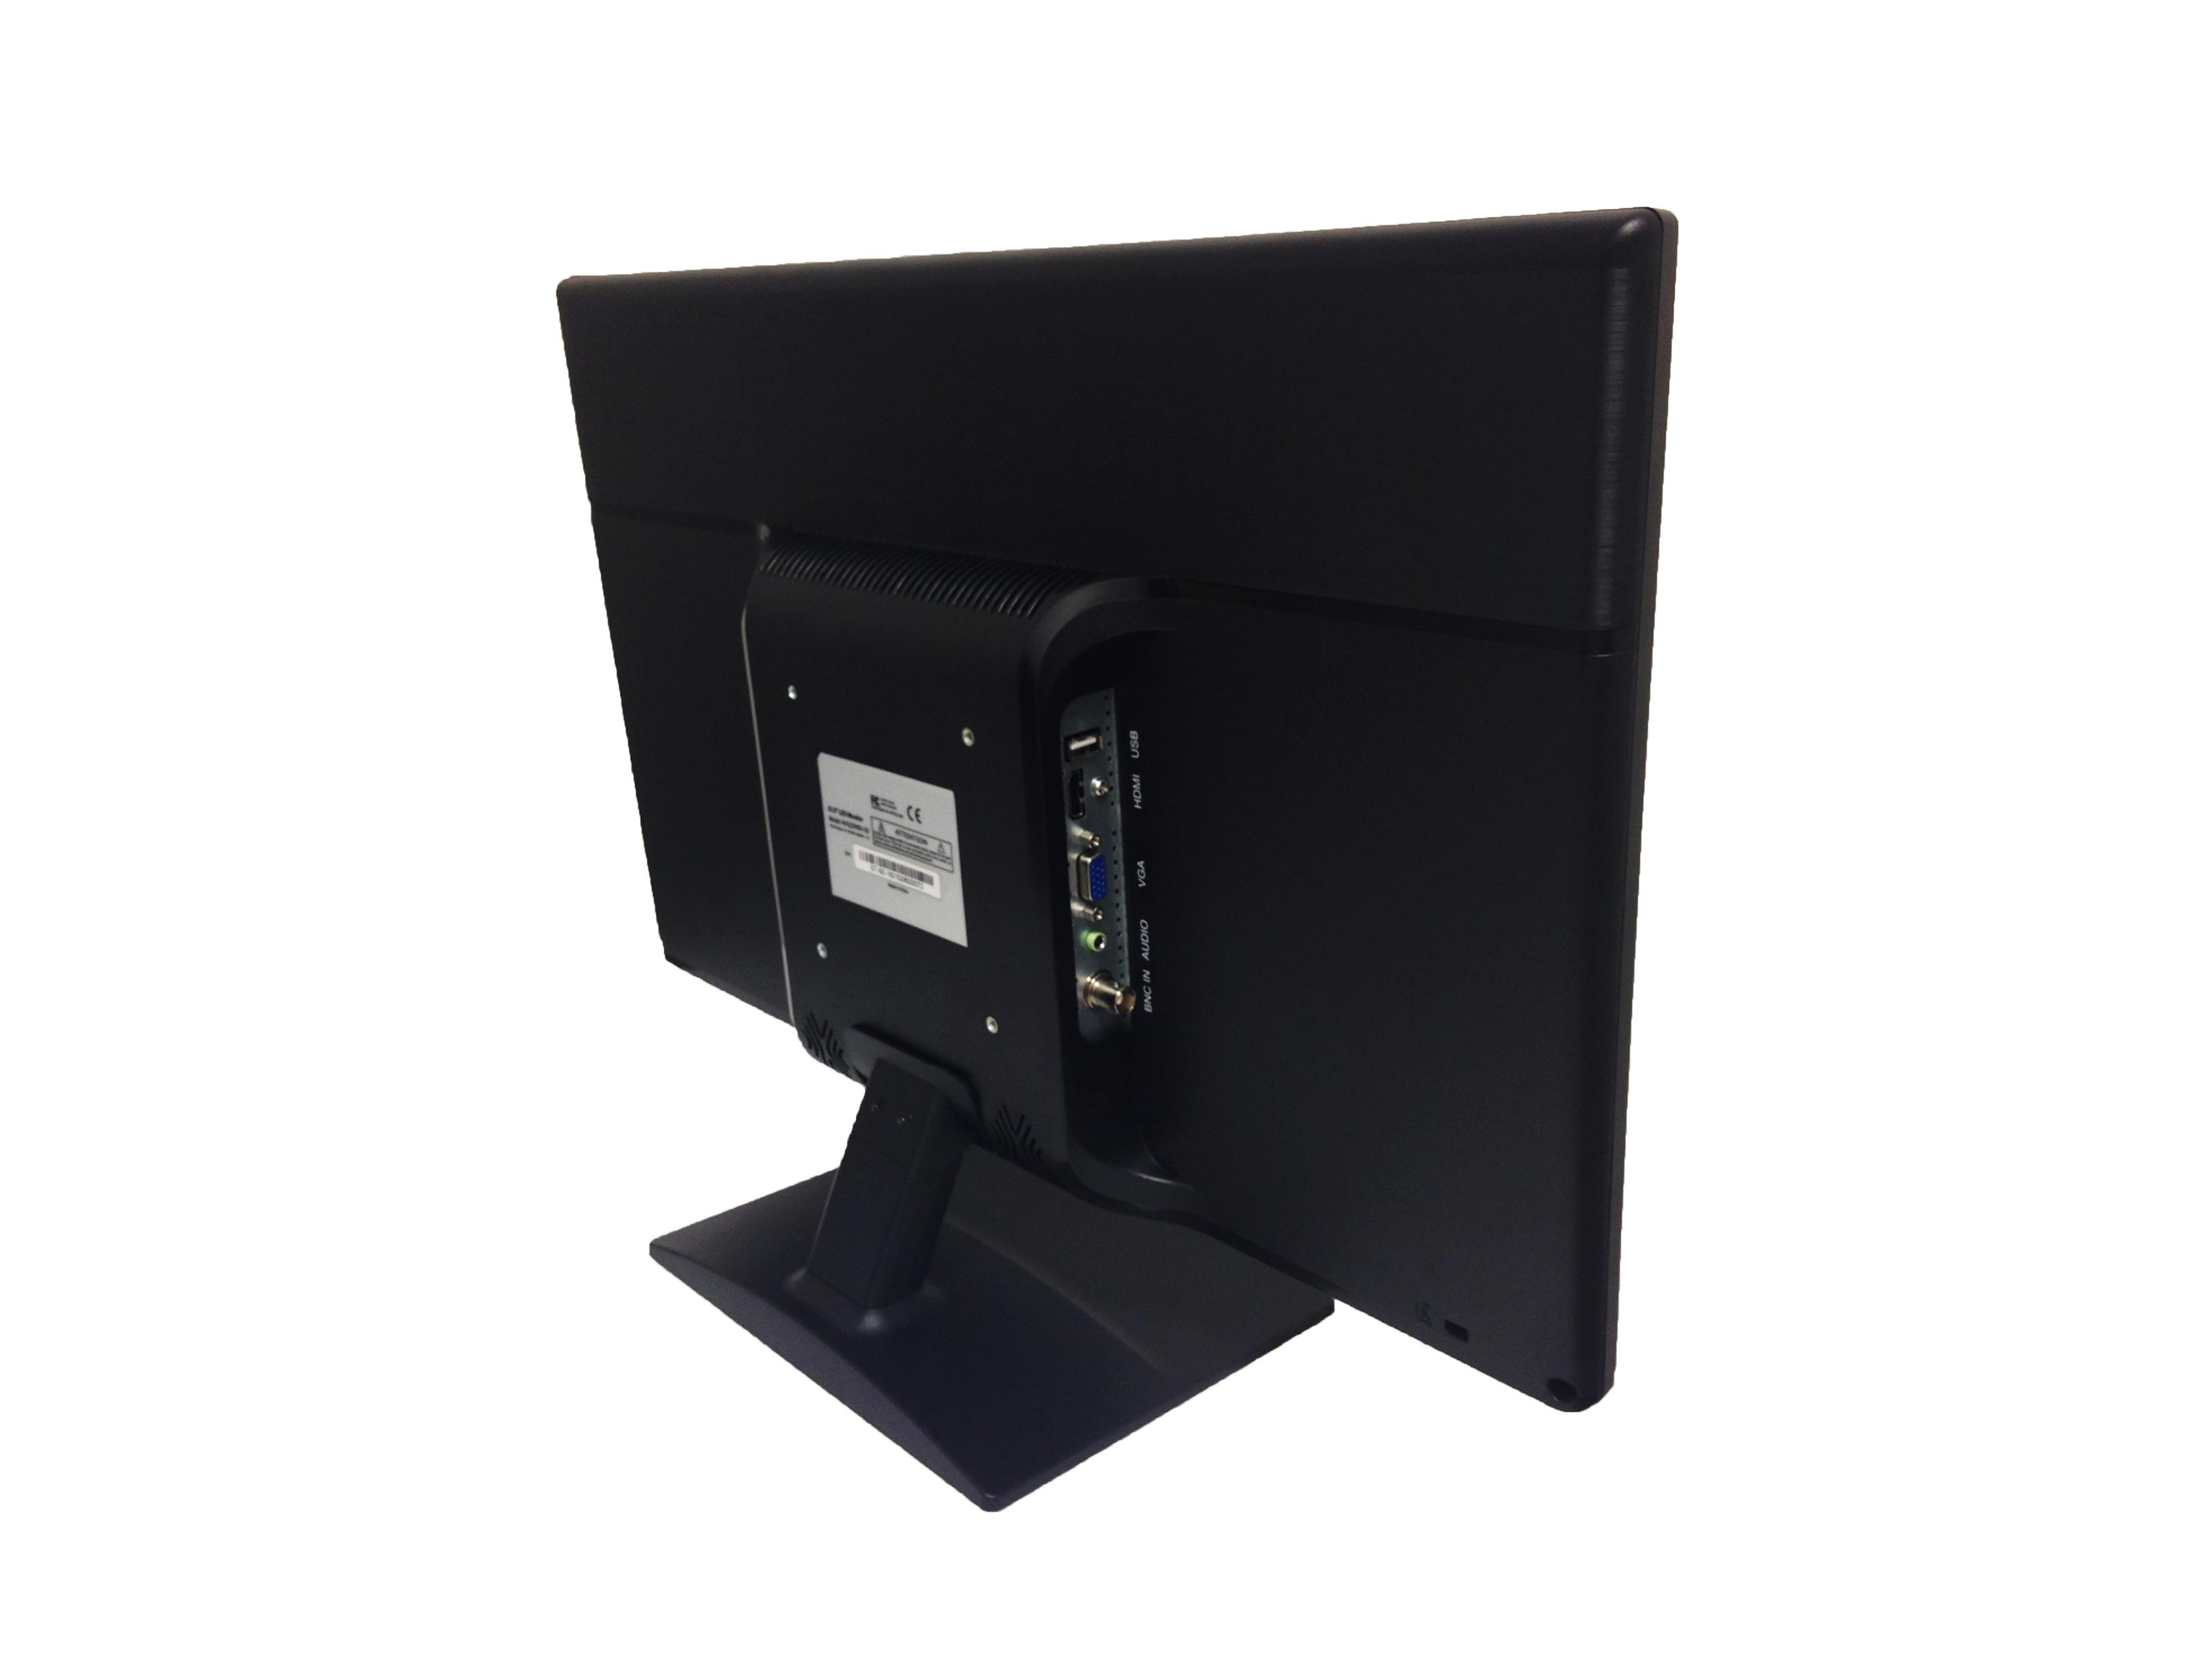 Avg19wbv 2d 185 Led Cctv Security Monitor Built In Speakers Back Side